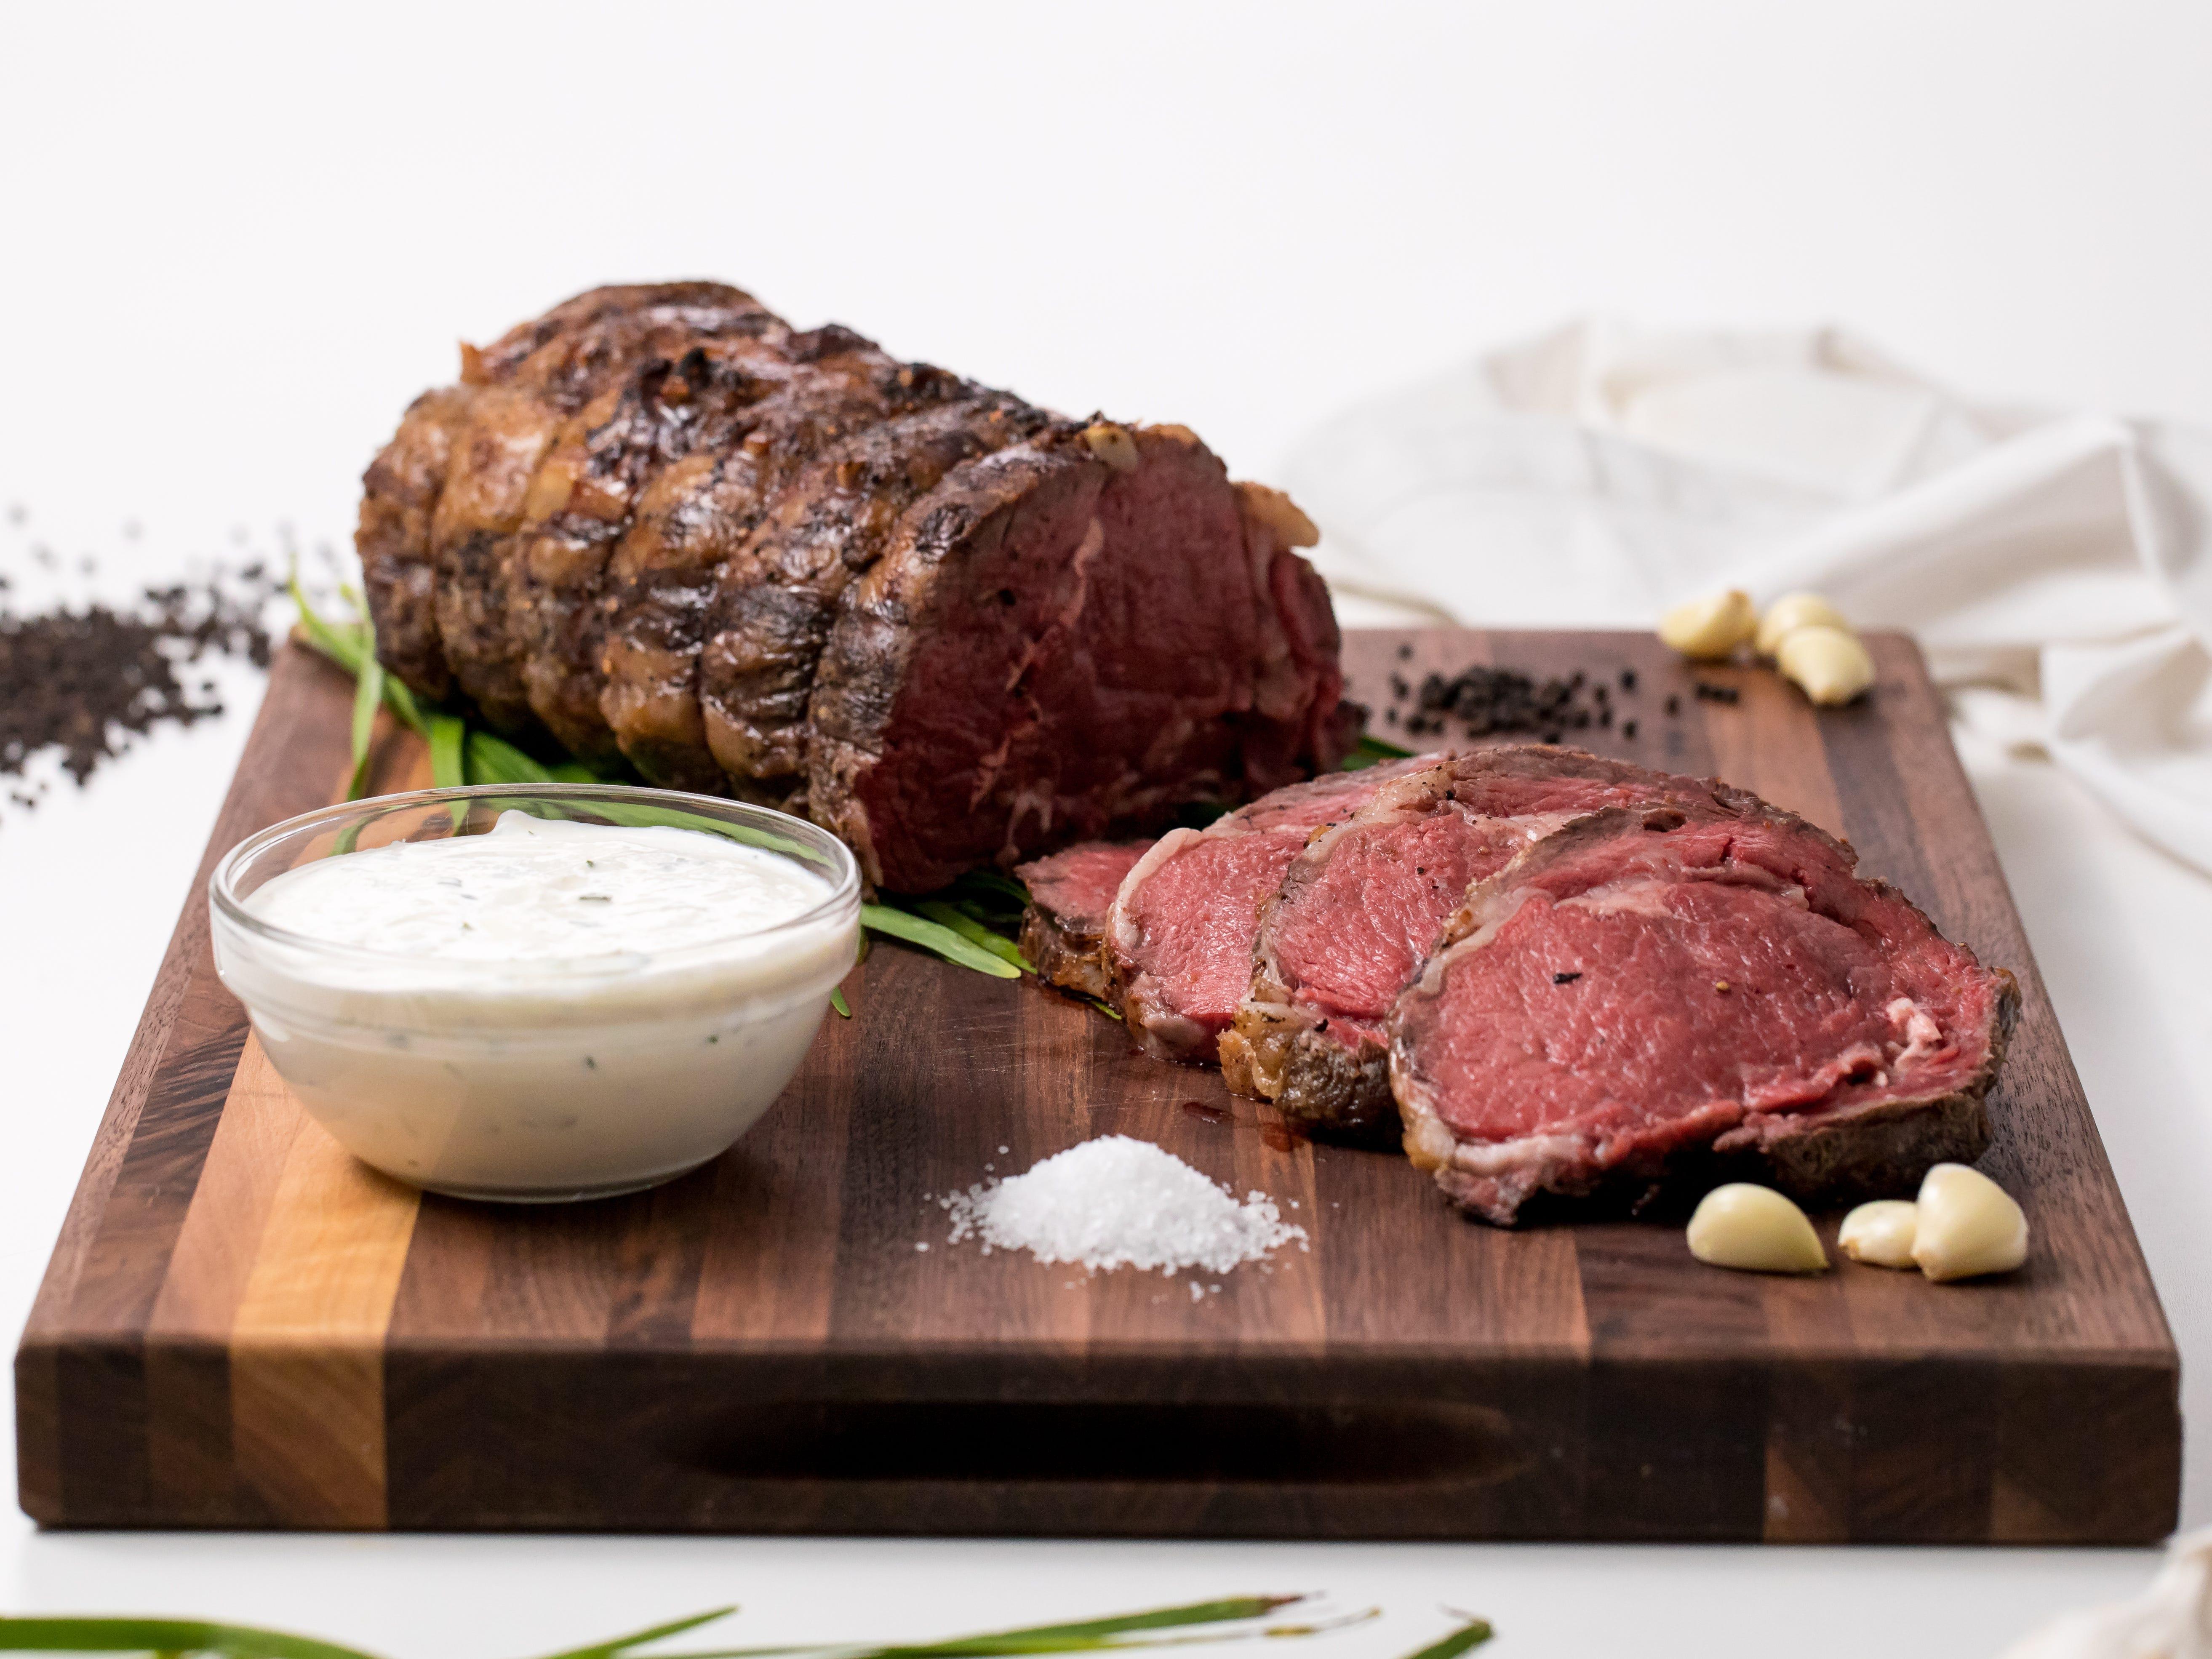 Classic prime rib roast